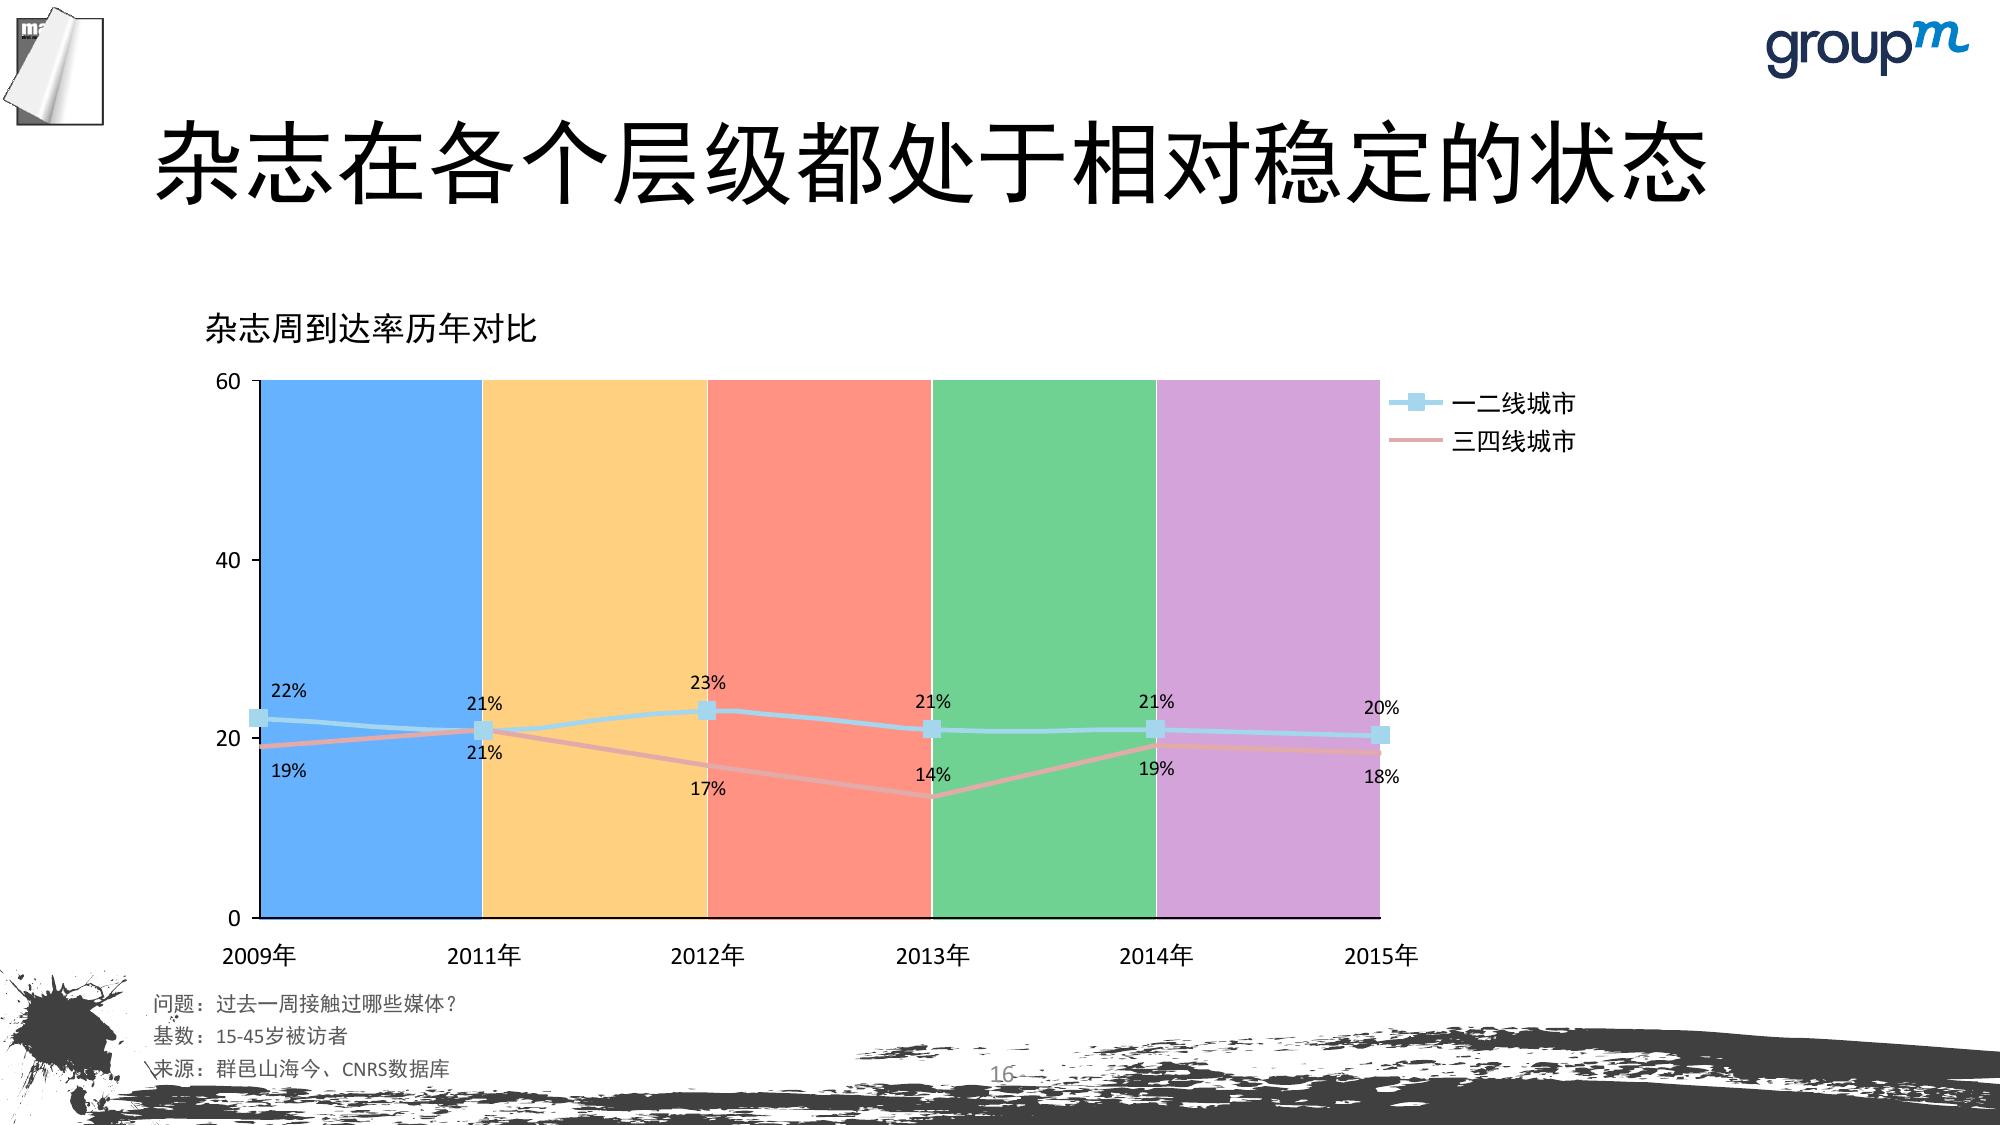 山海今2015中国媒介趋势报告_000016